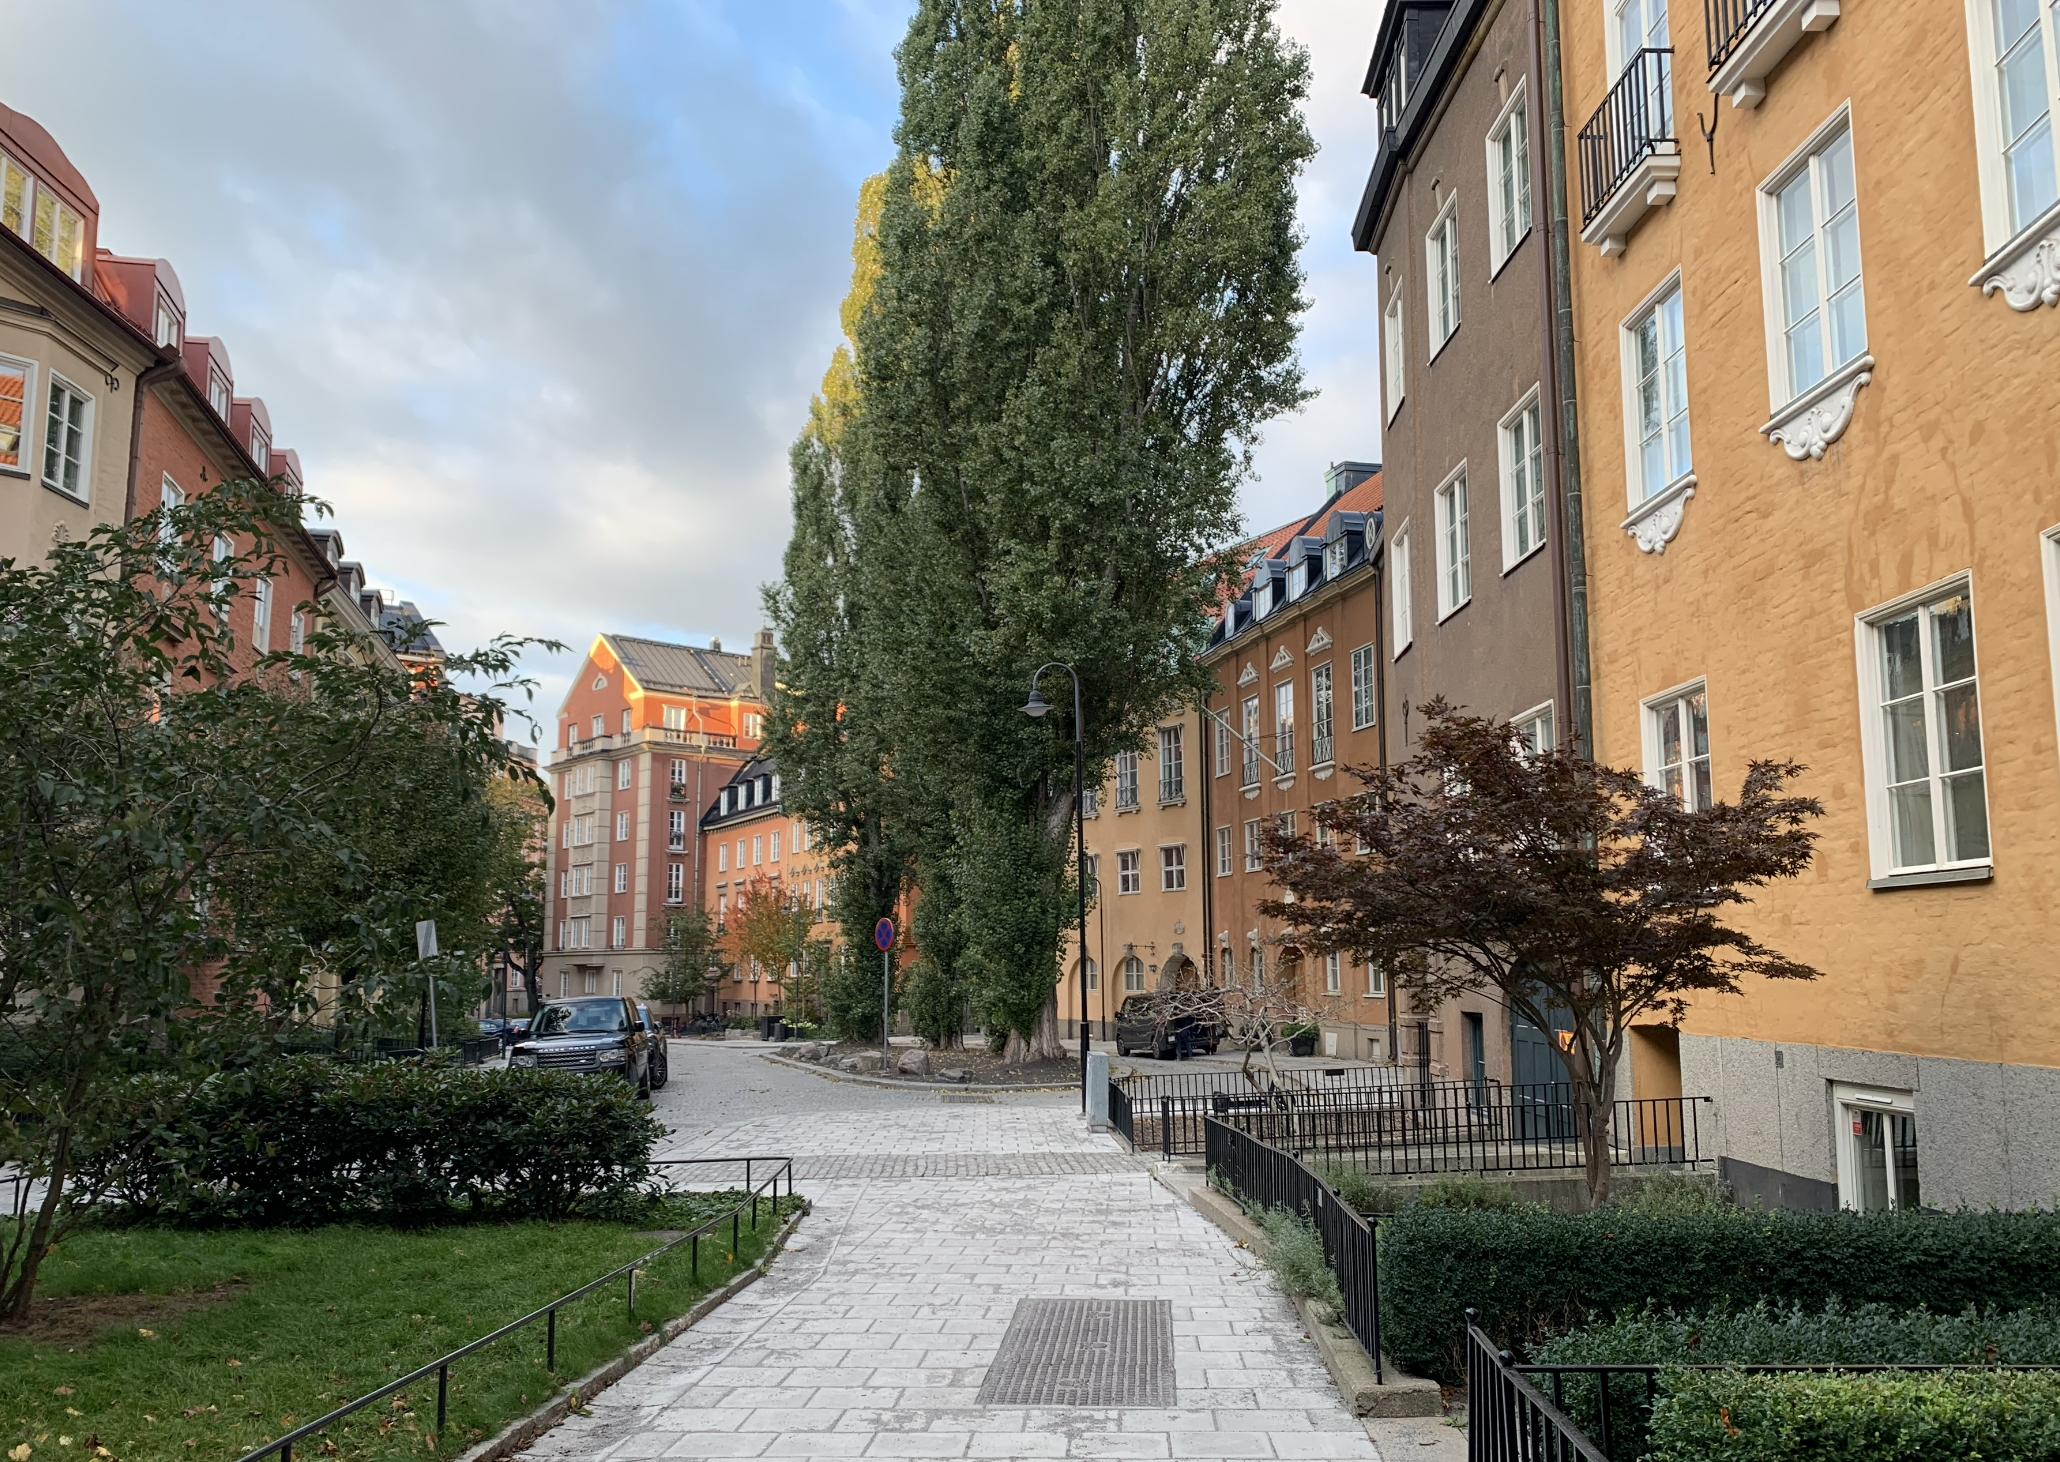 rue paisible dans le quartier d'ostermalm a stockholm